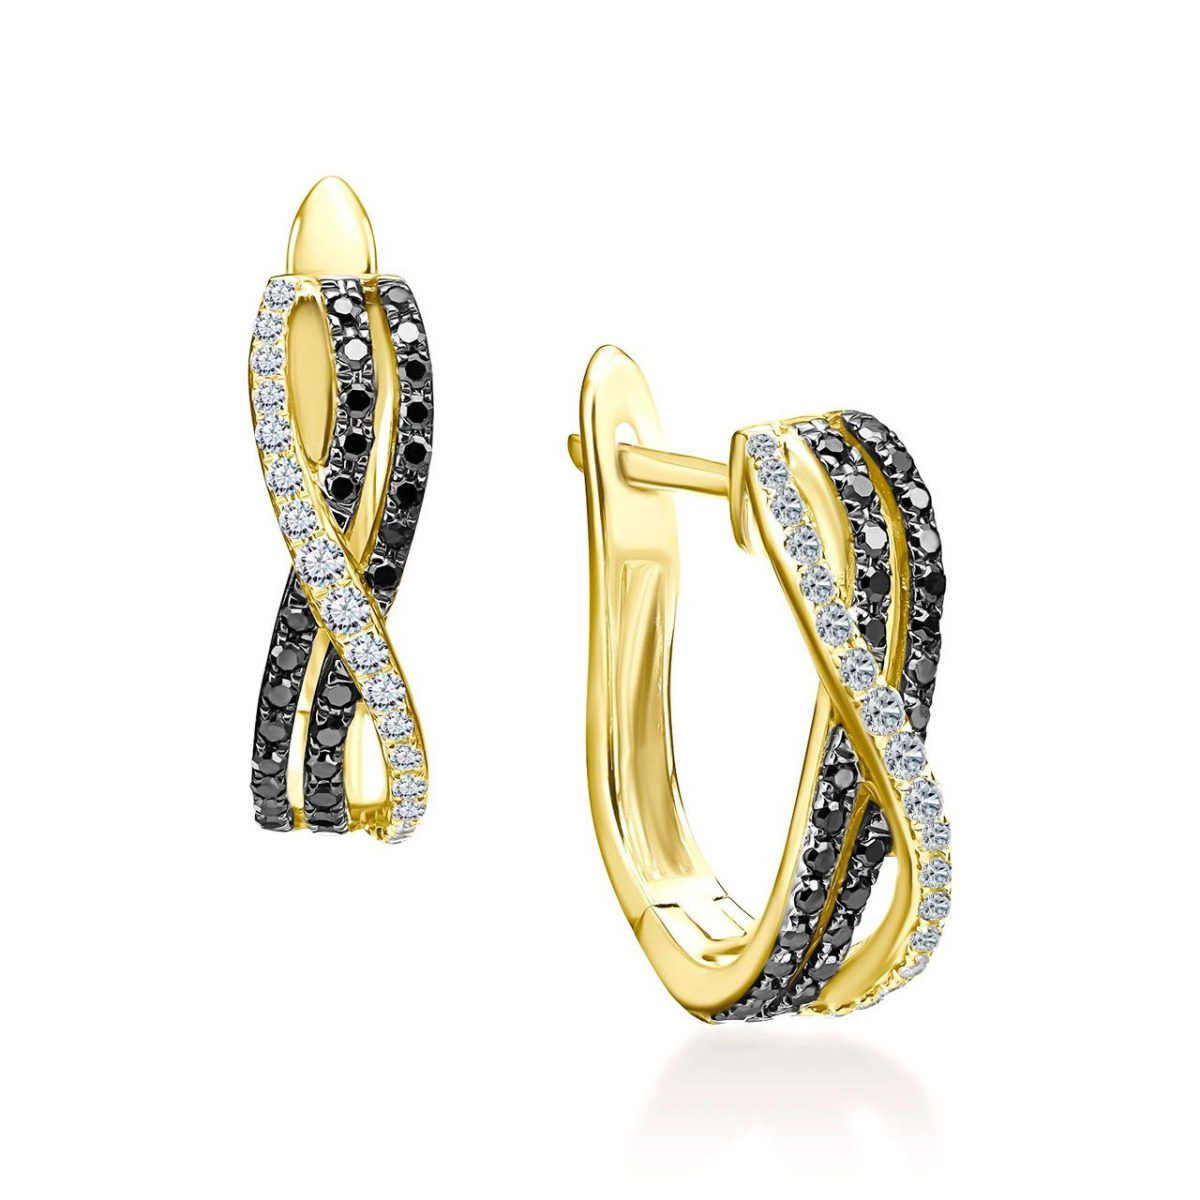 עגילי יהלומים - בל - זהב צהוב